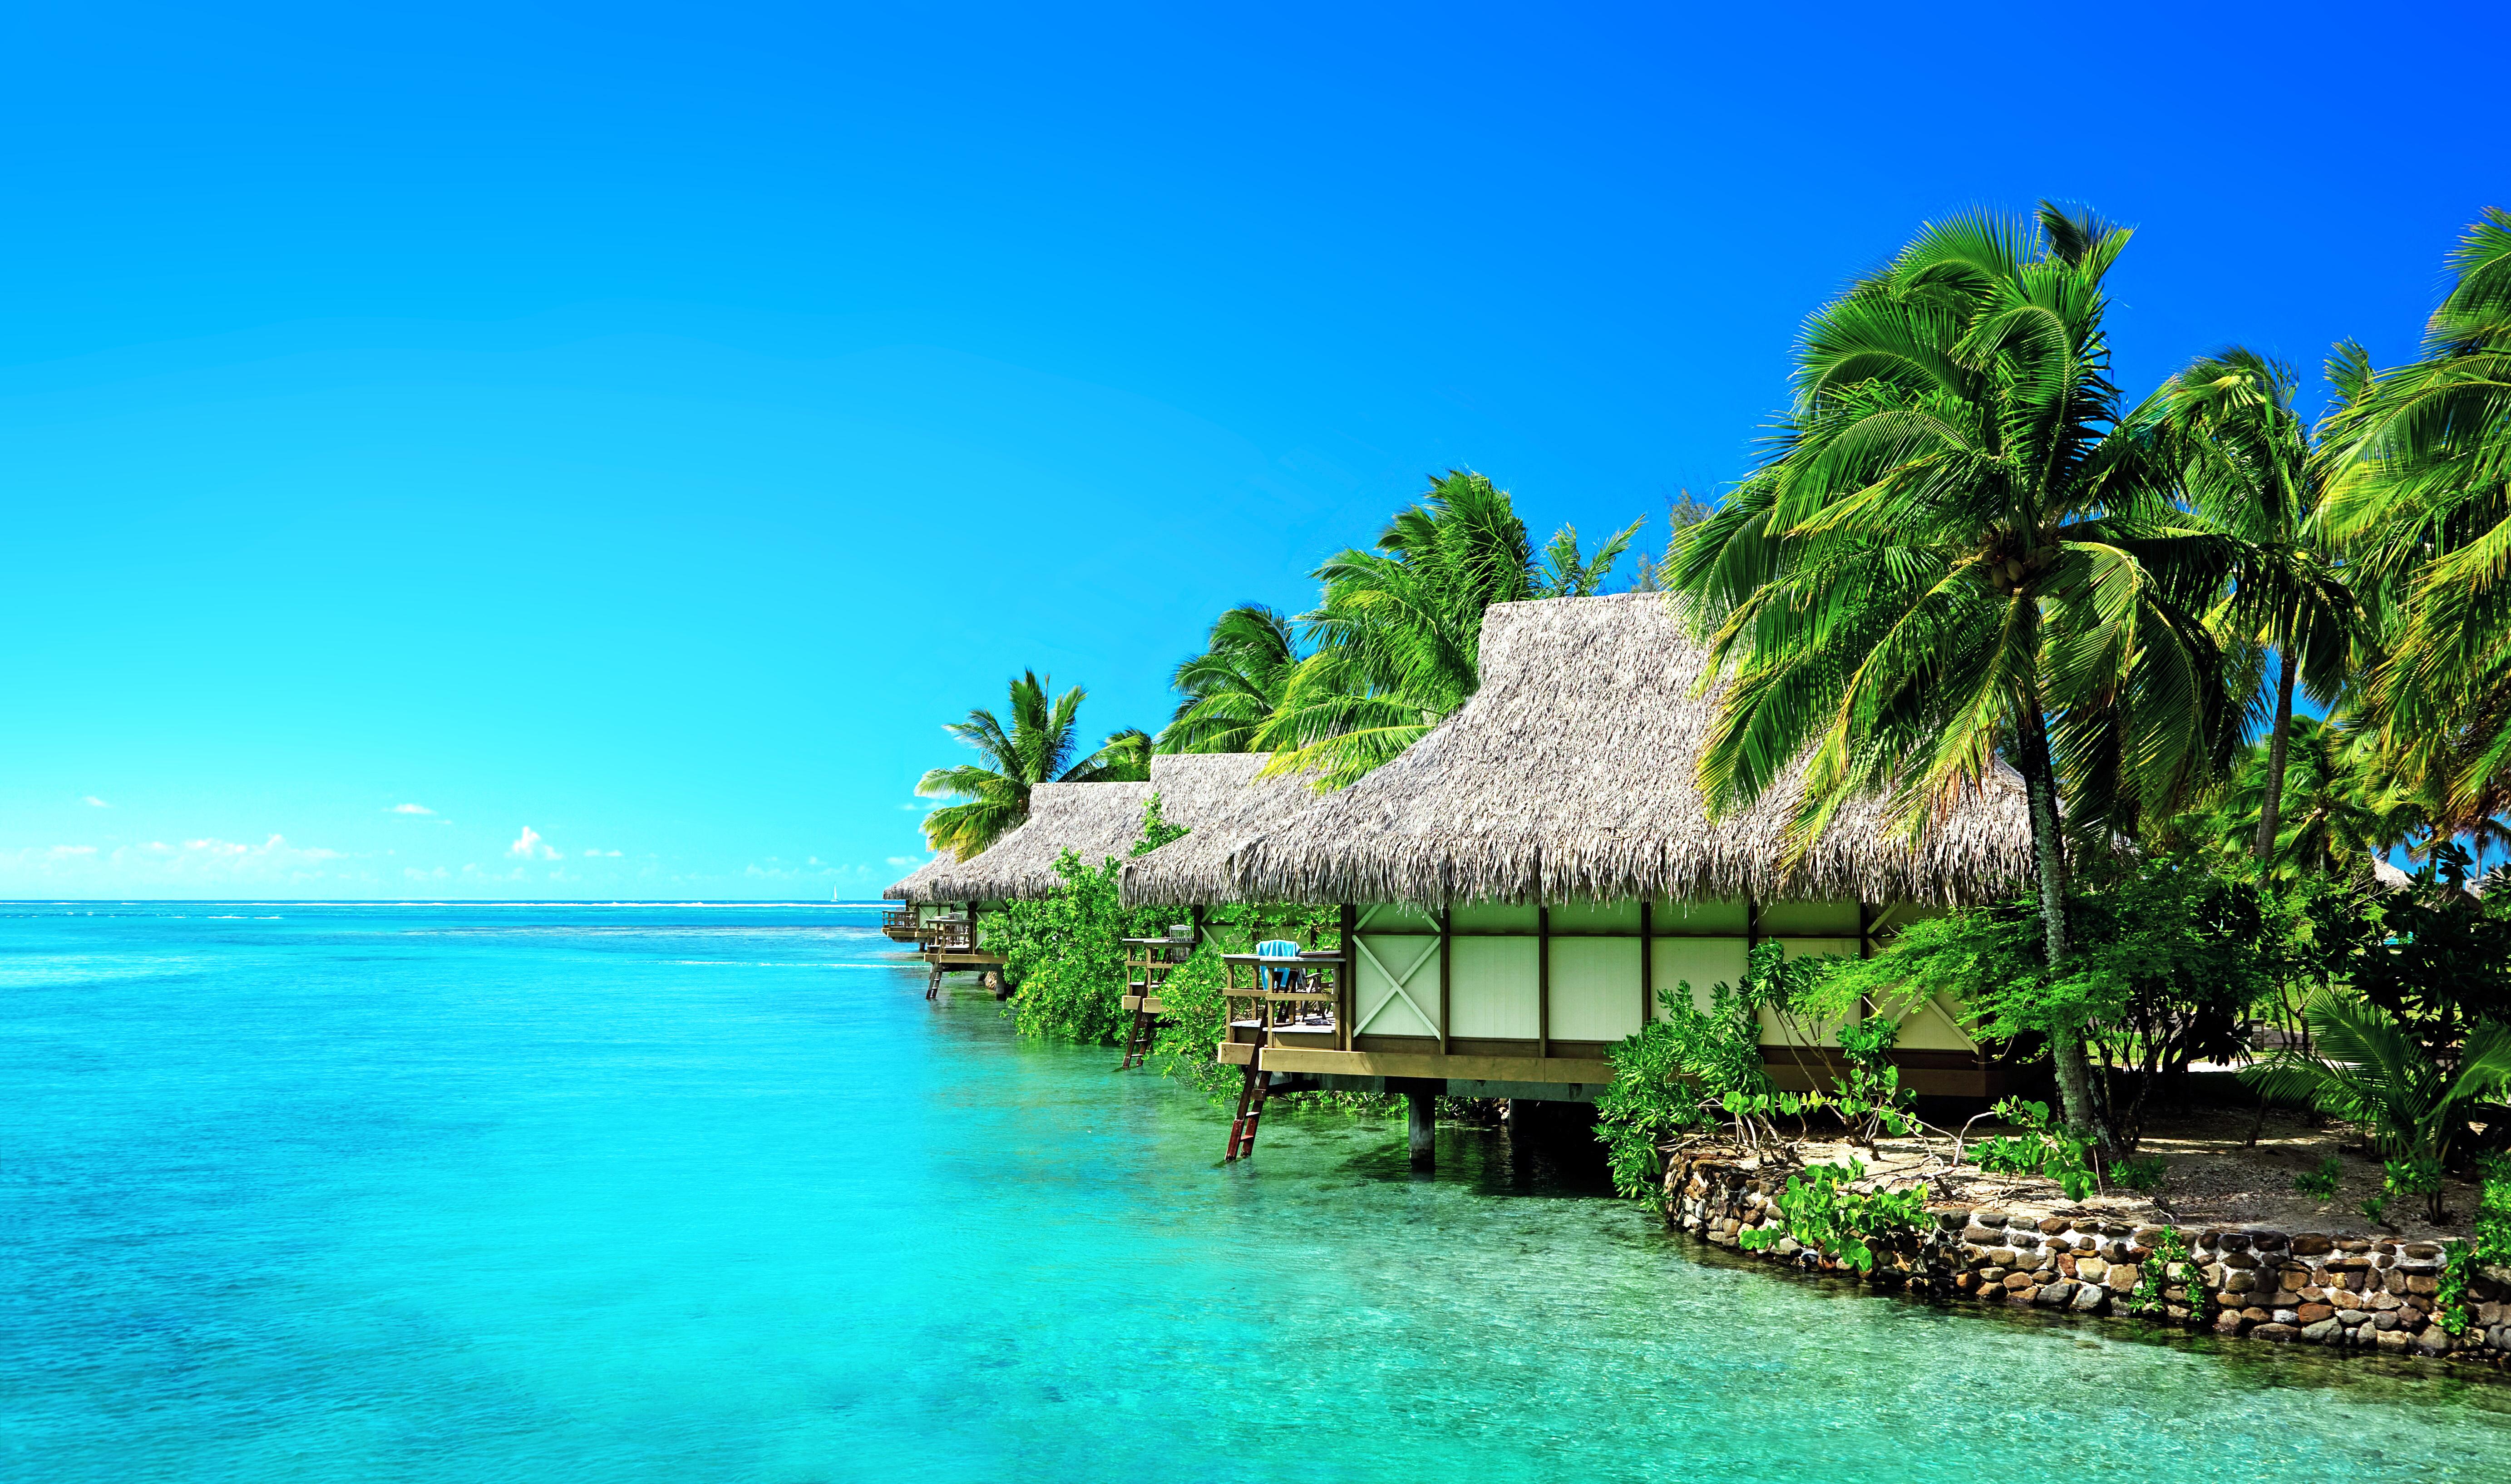 морской курорт  № 2832835 загрузить